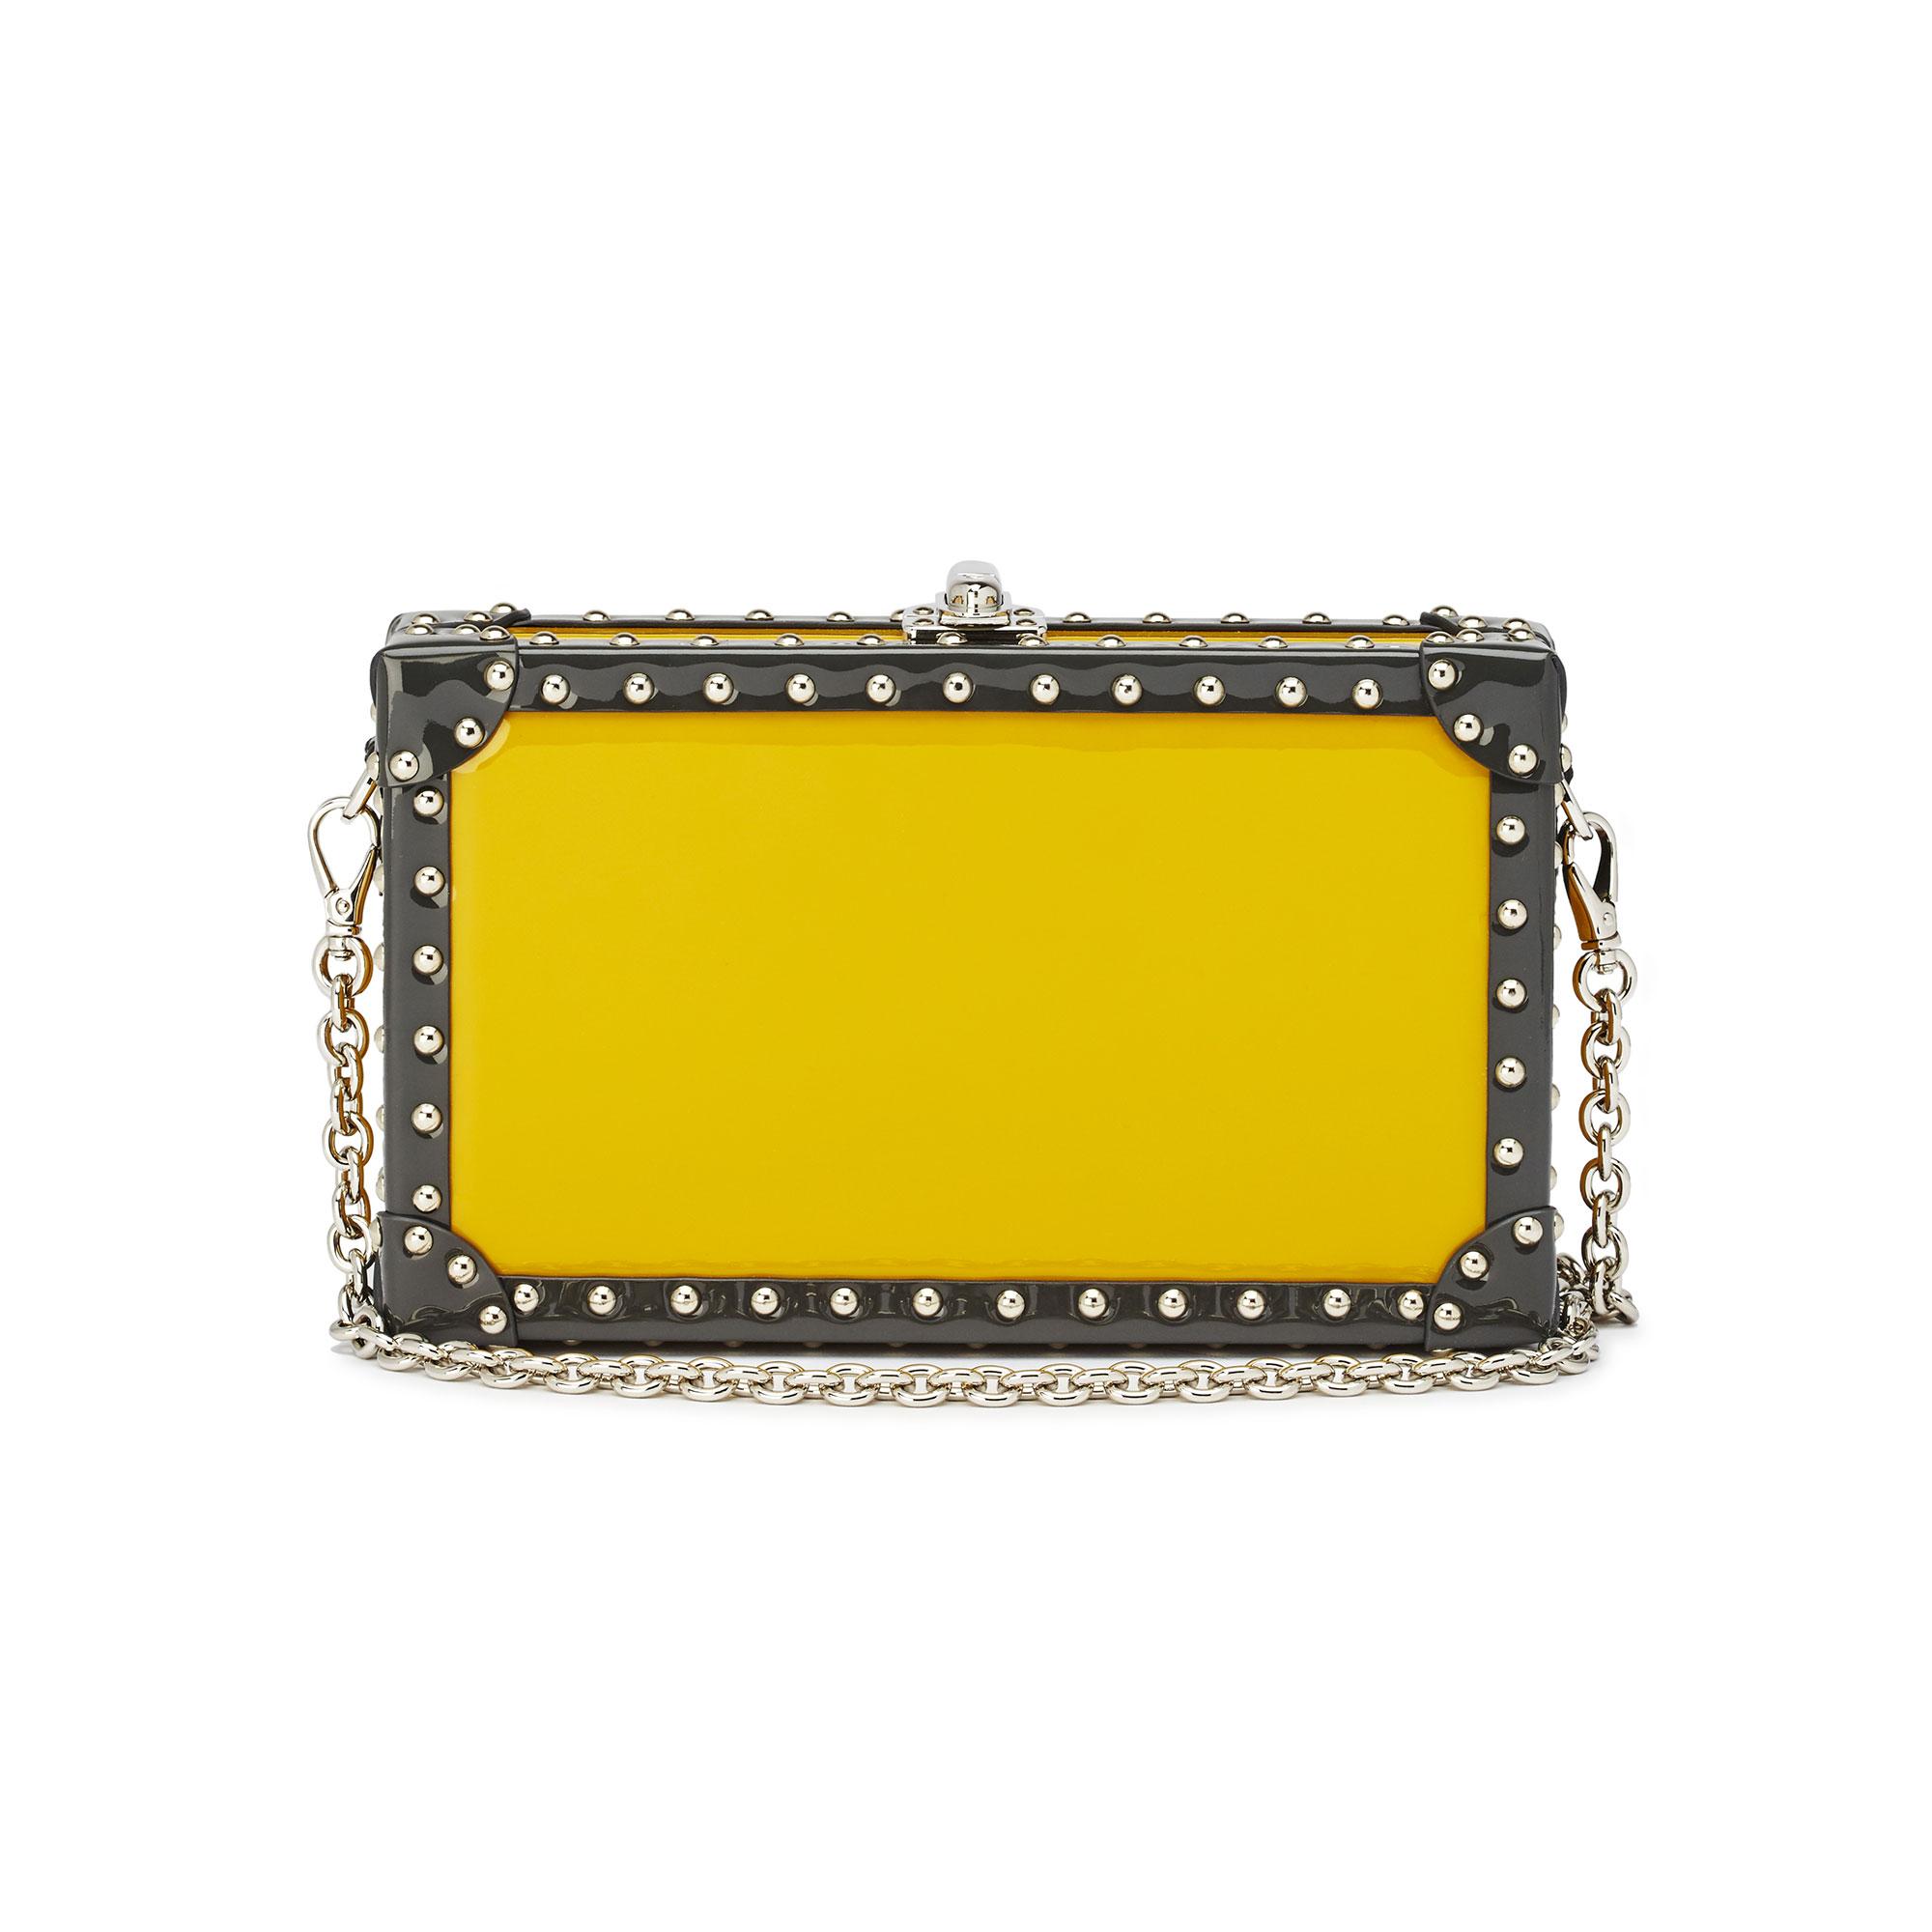 Box-Bertoncina-mustard-patent-leather-bag-Bertoni-1949